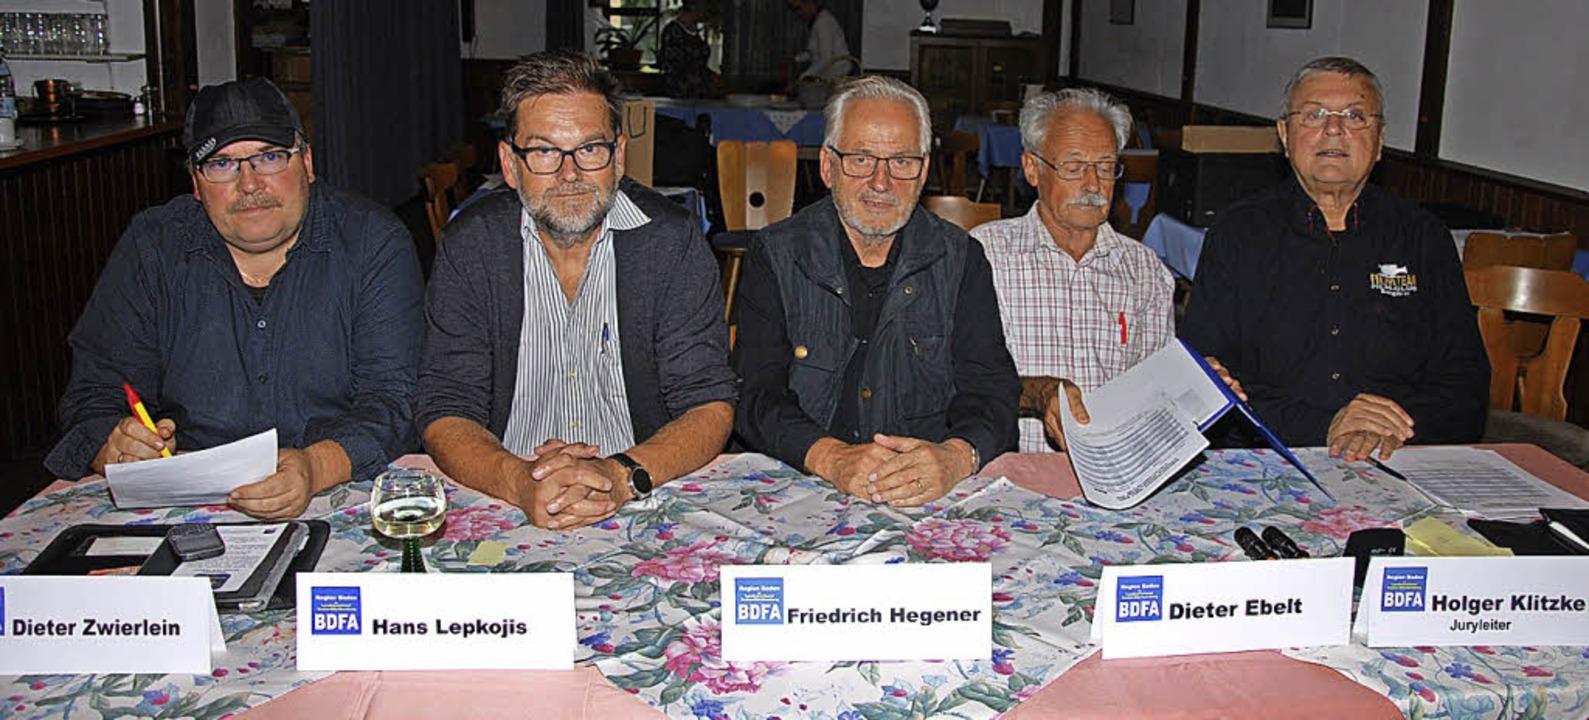 Eine fünfköpfige Jury bewertete die eingereichten Kurzfilme.    Foto: Dorothea Scherle